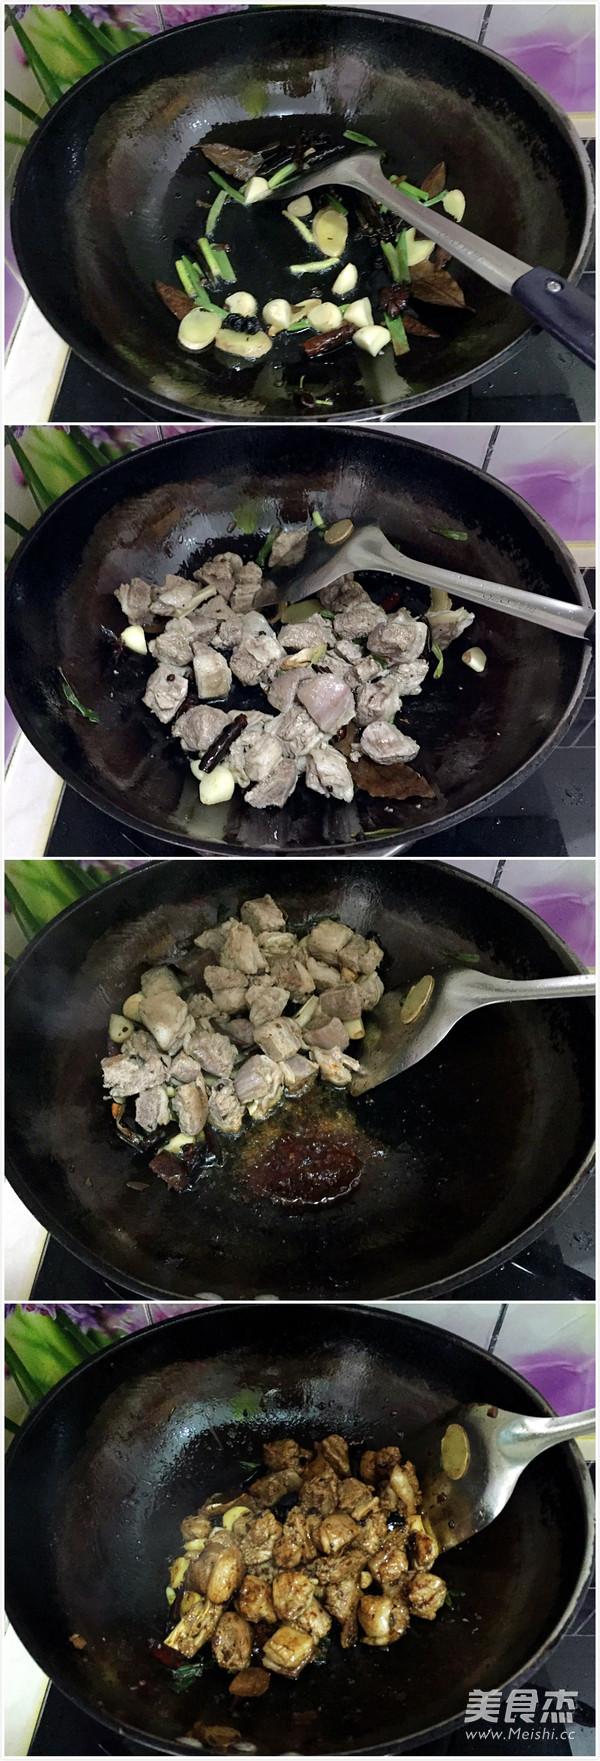 酱焖栗子羊肉怎么吃